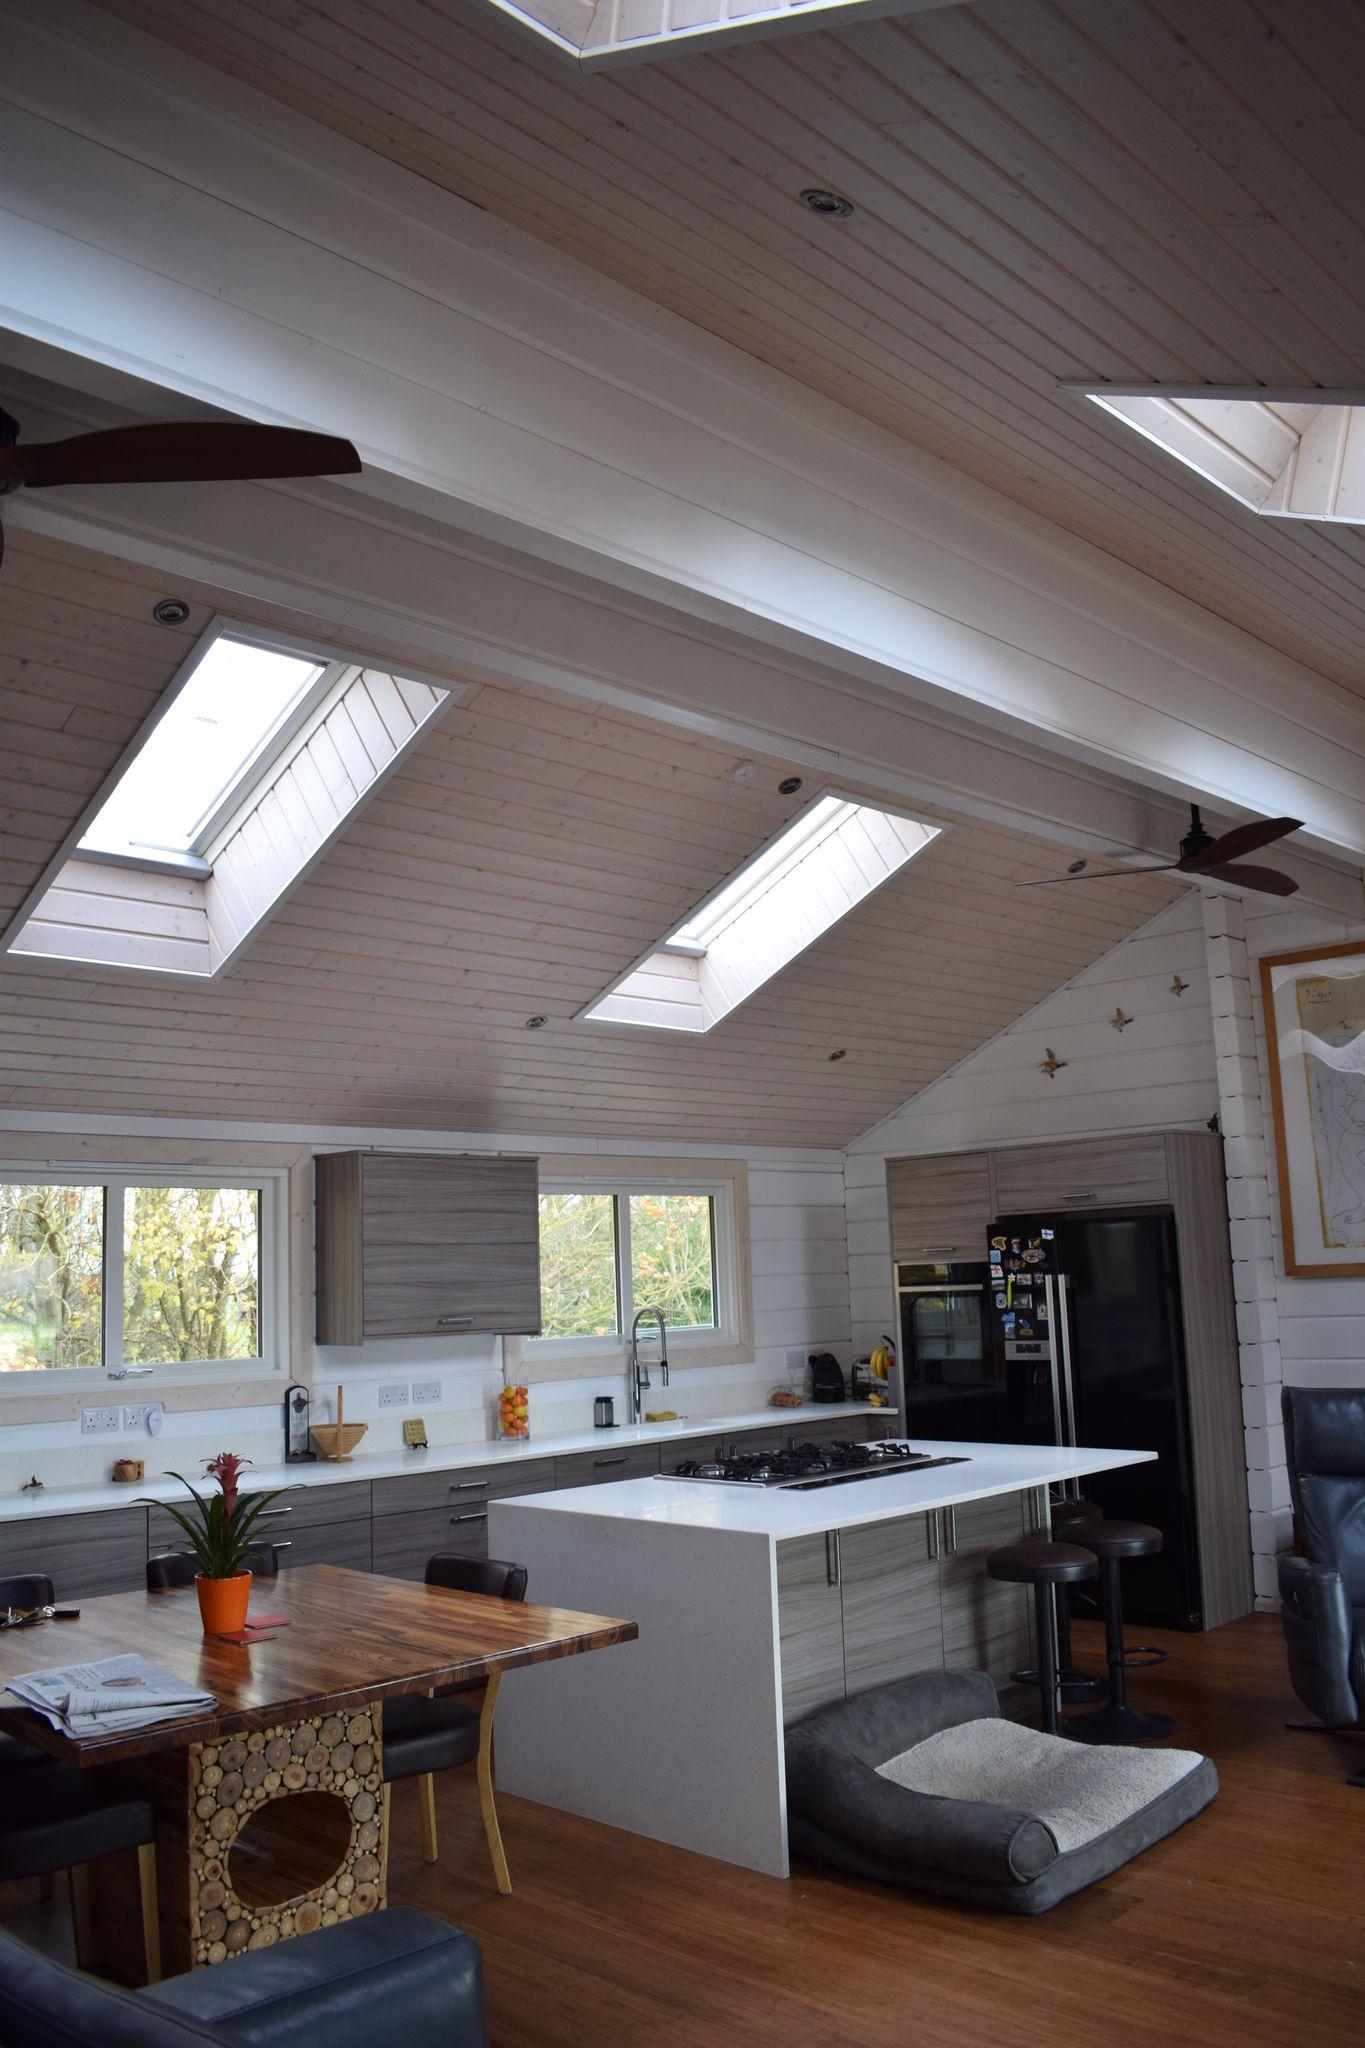 Roof Windows in Kitchen